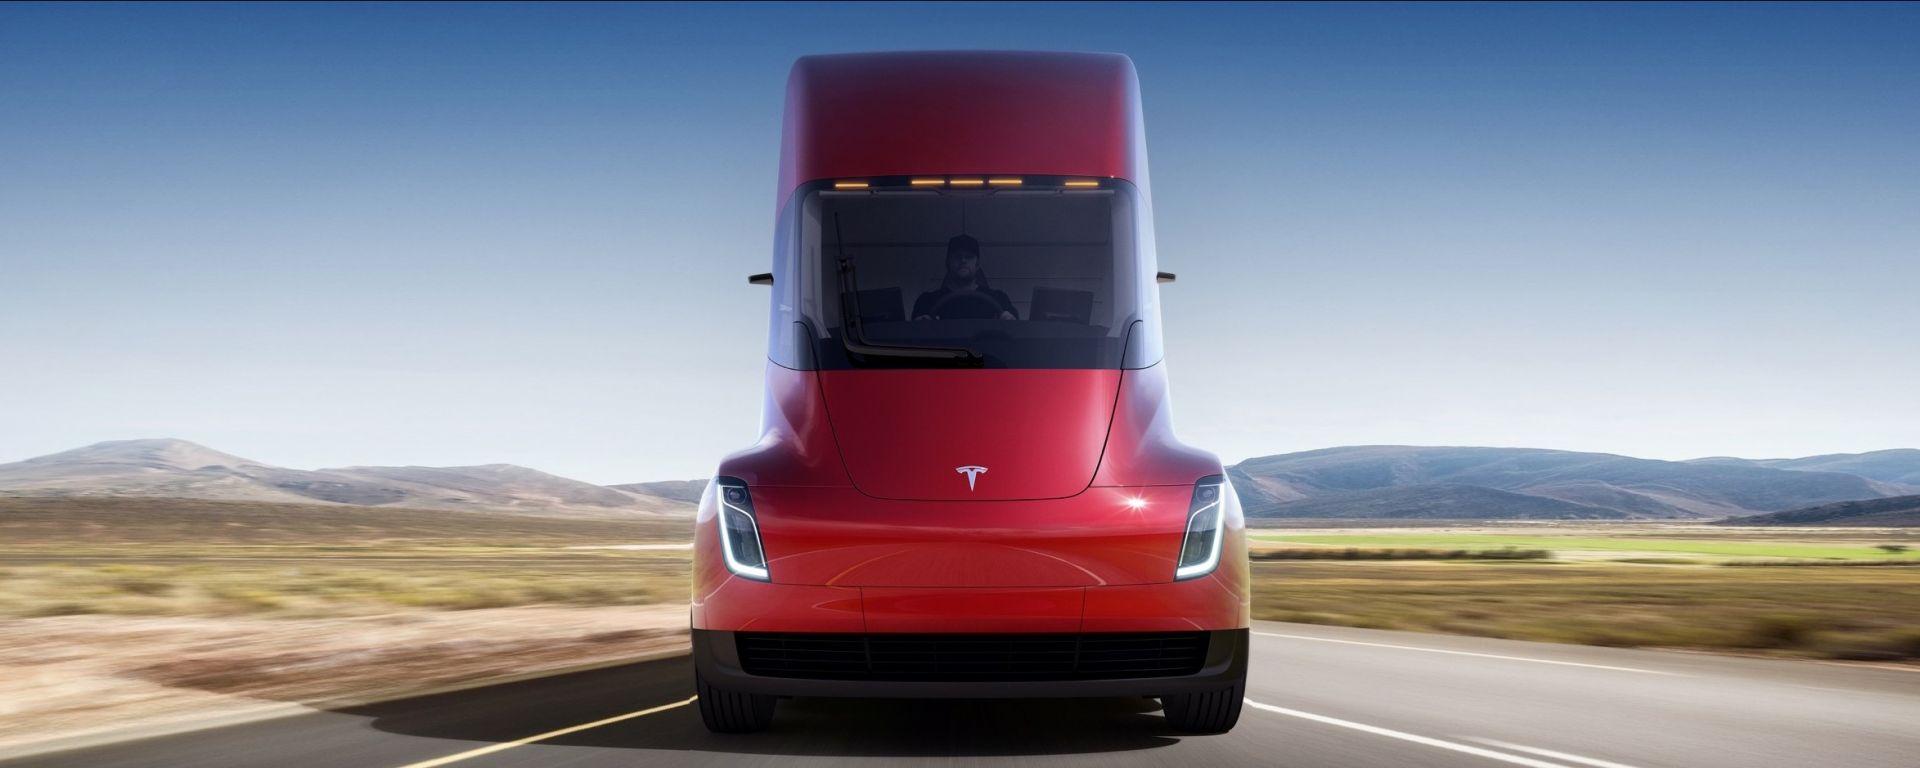 Tesla Semi: vista frontale